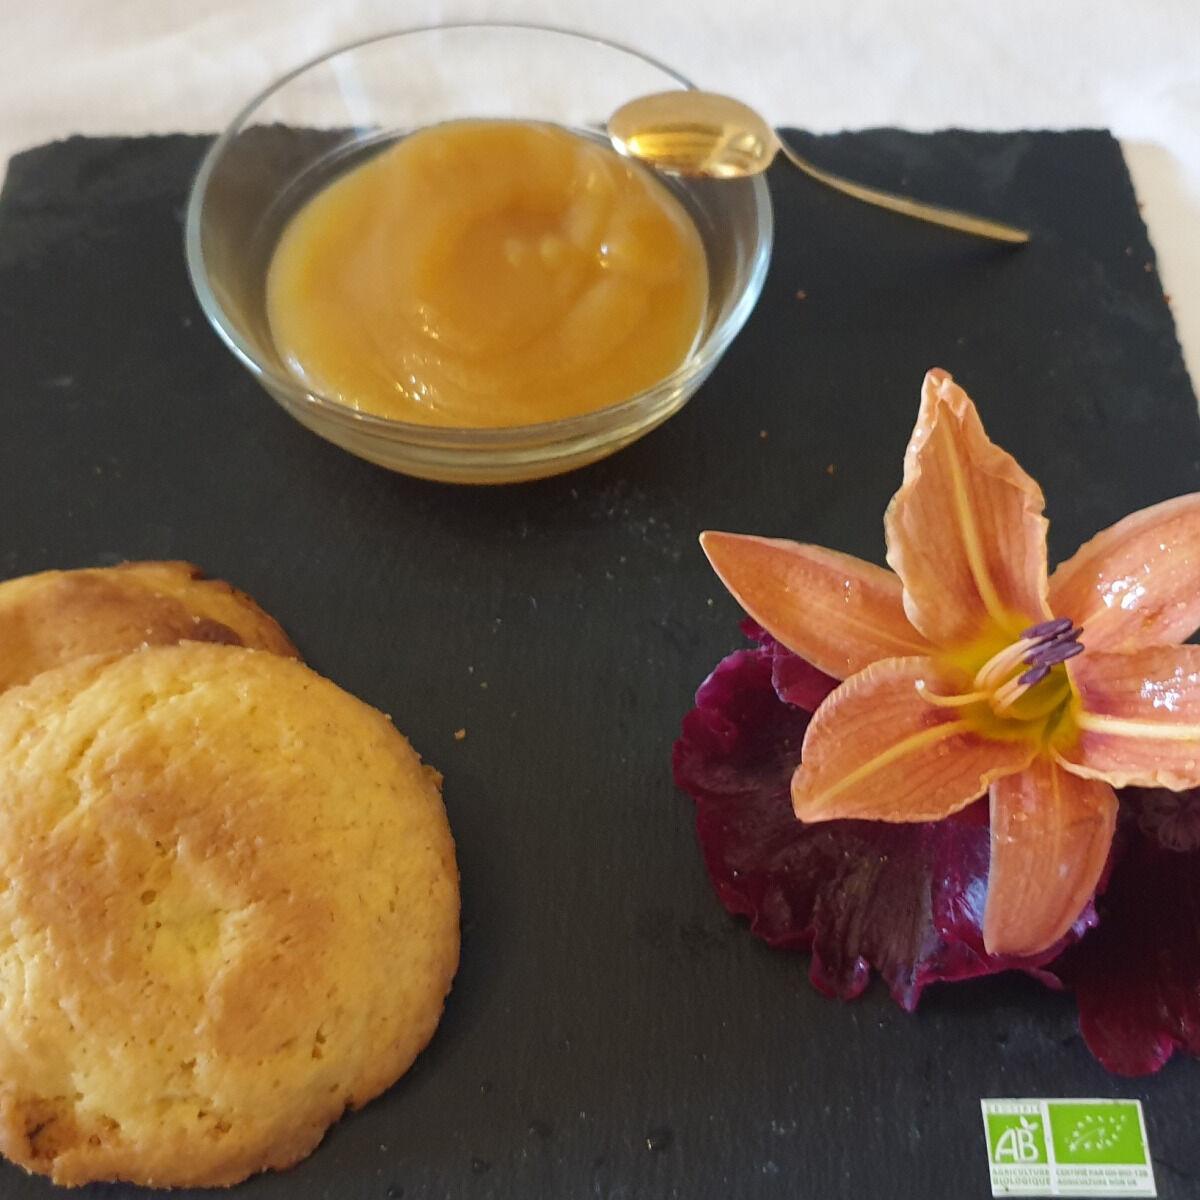 La Ferme du Montet Compote Pomme - Pêche - bio - allégée en sucre